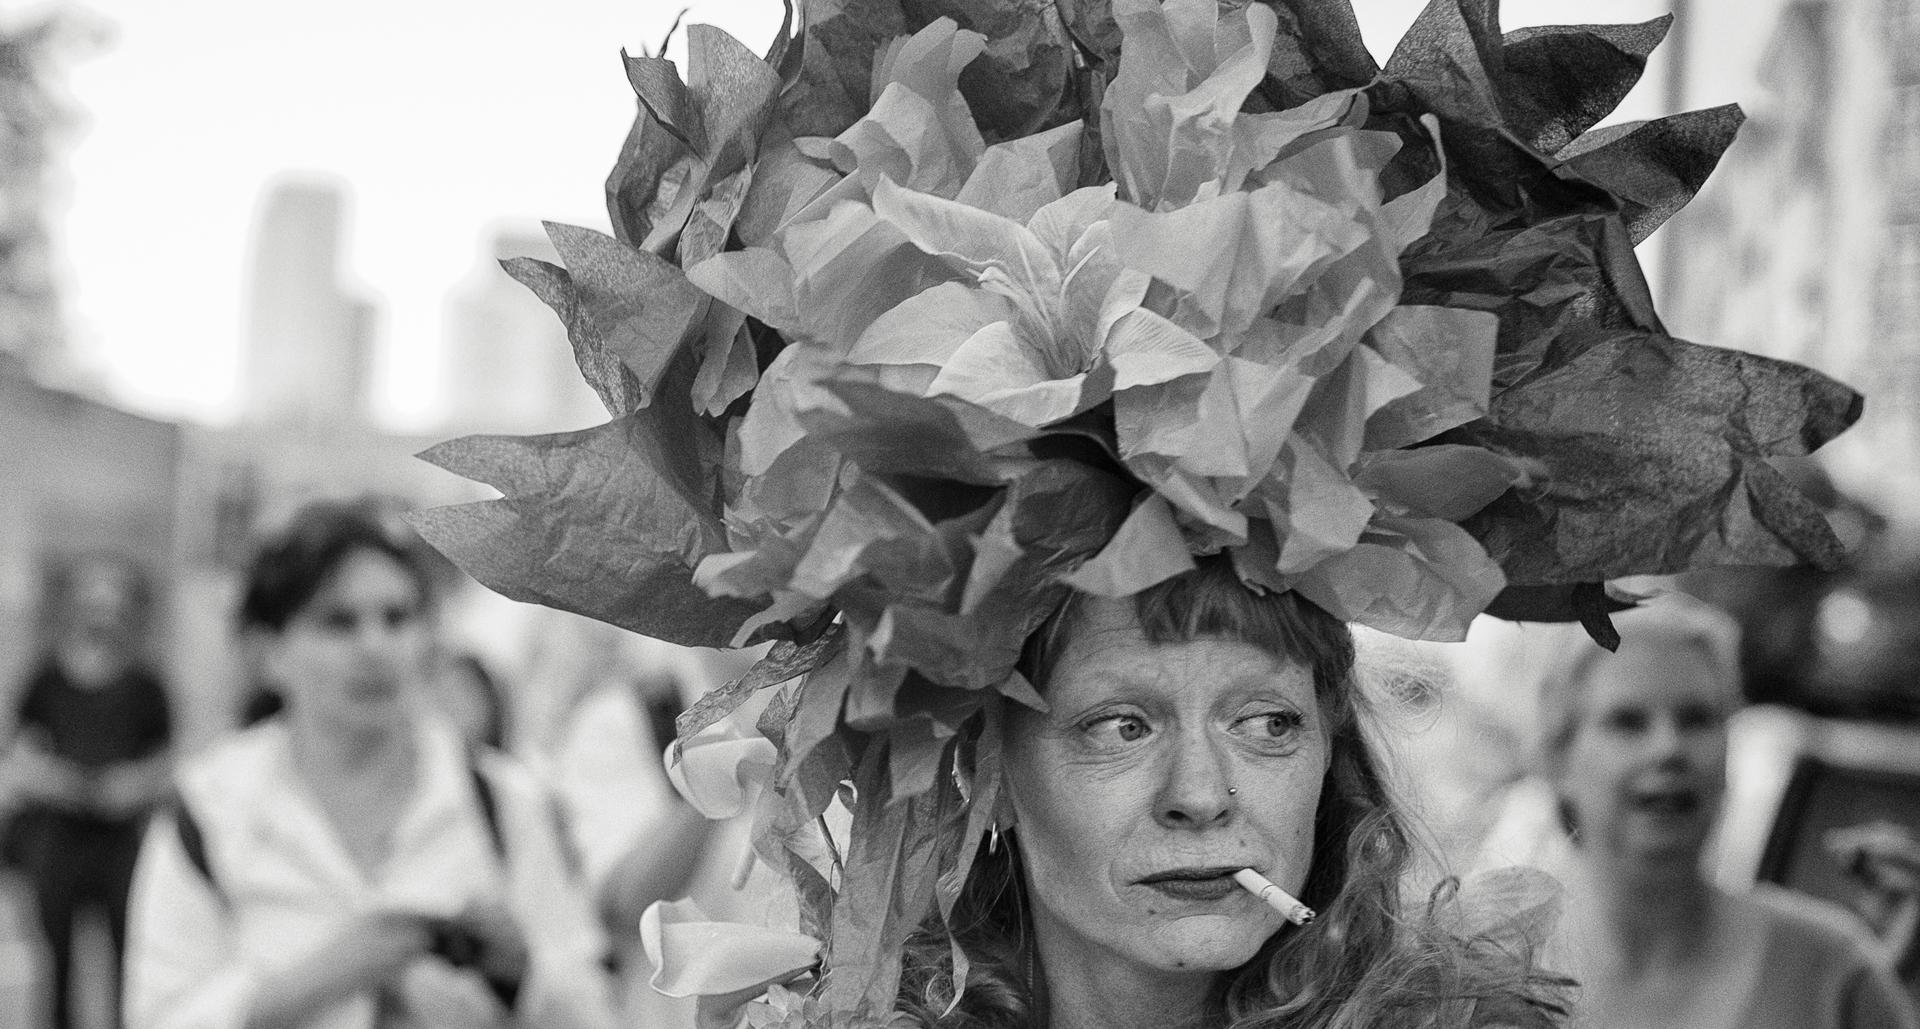 פוטו תחרות צילומי פורטייט אמנית לוס אנגלס